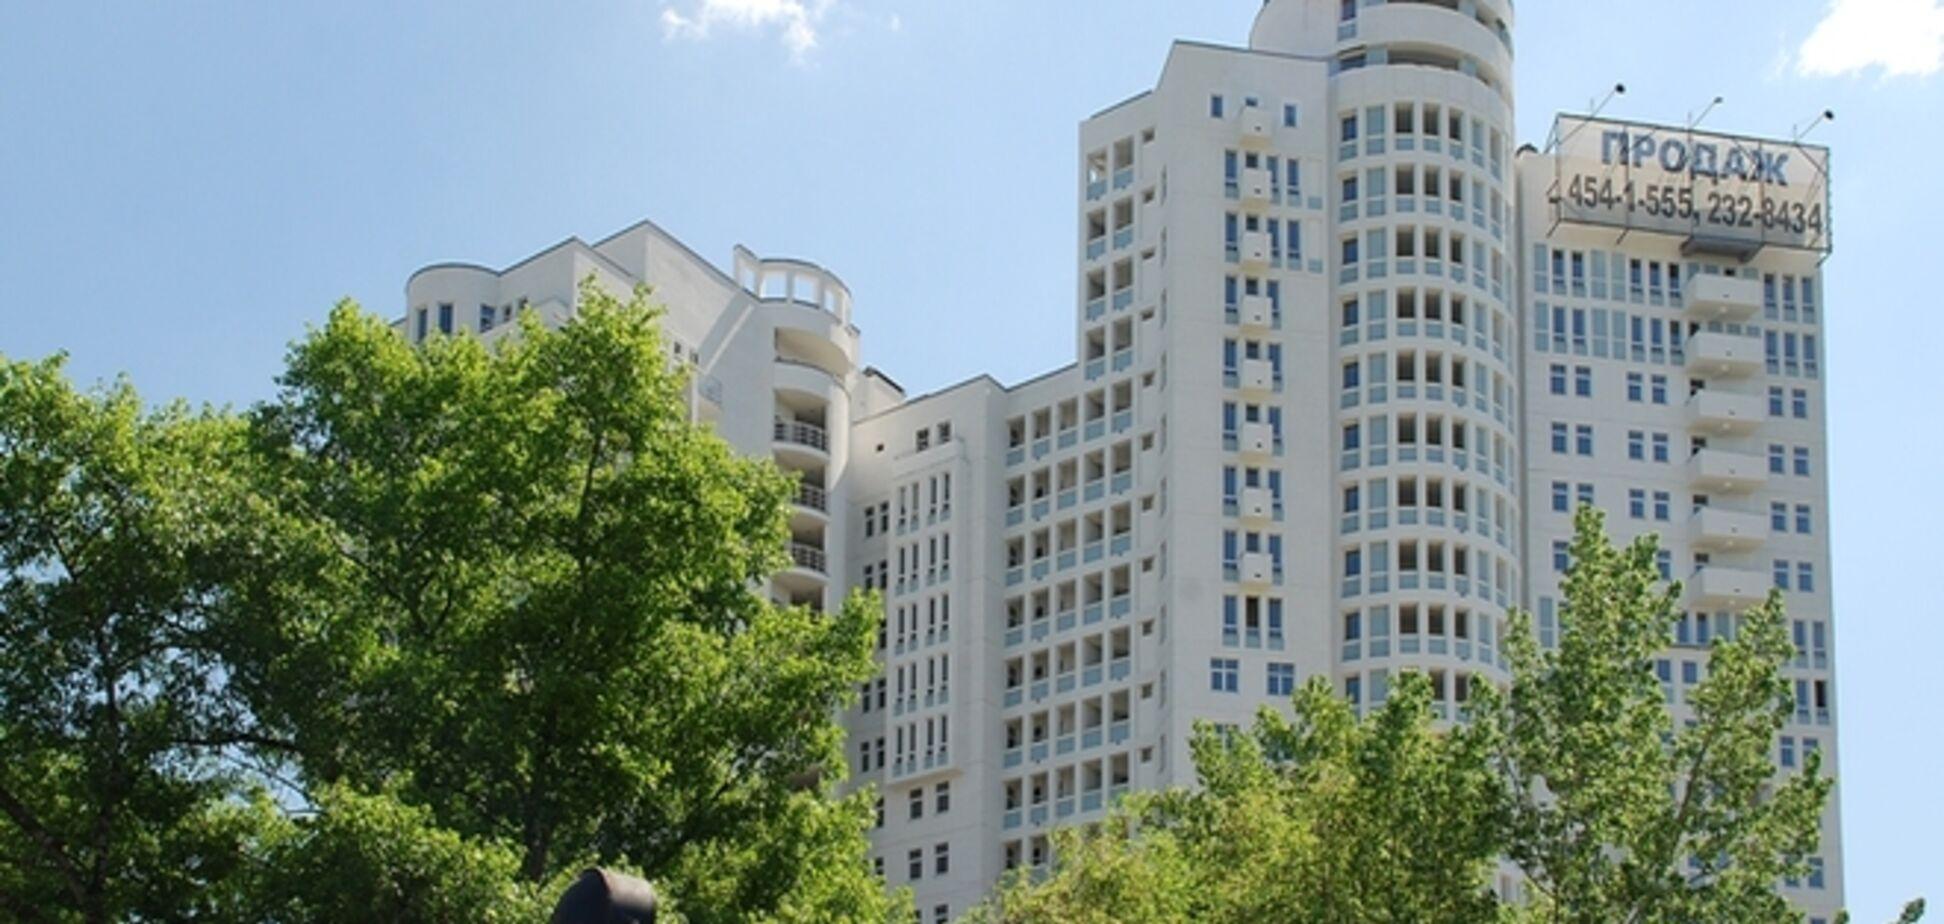 В Киеве престижное жилье оказалось в зоне риска